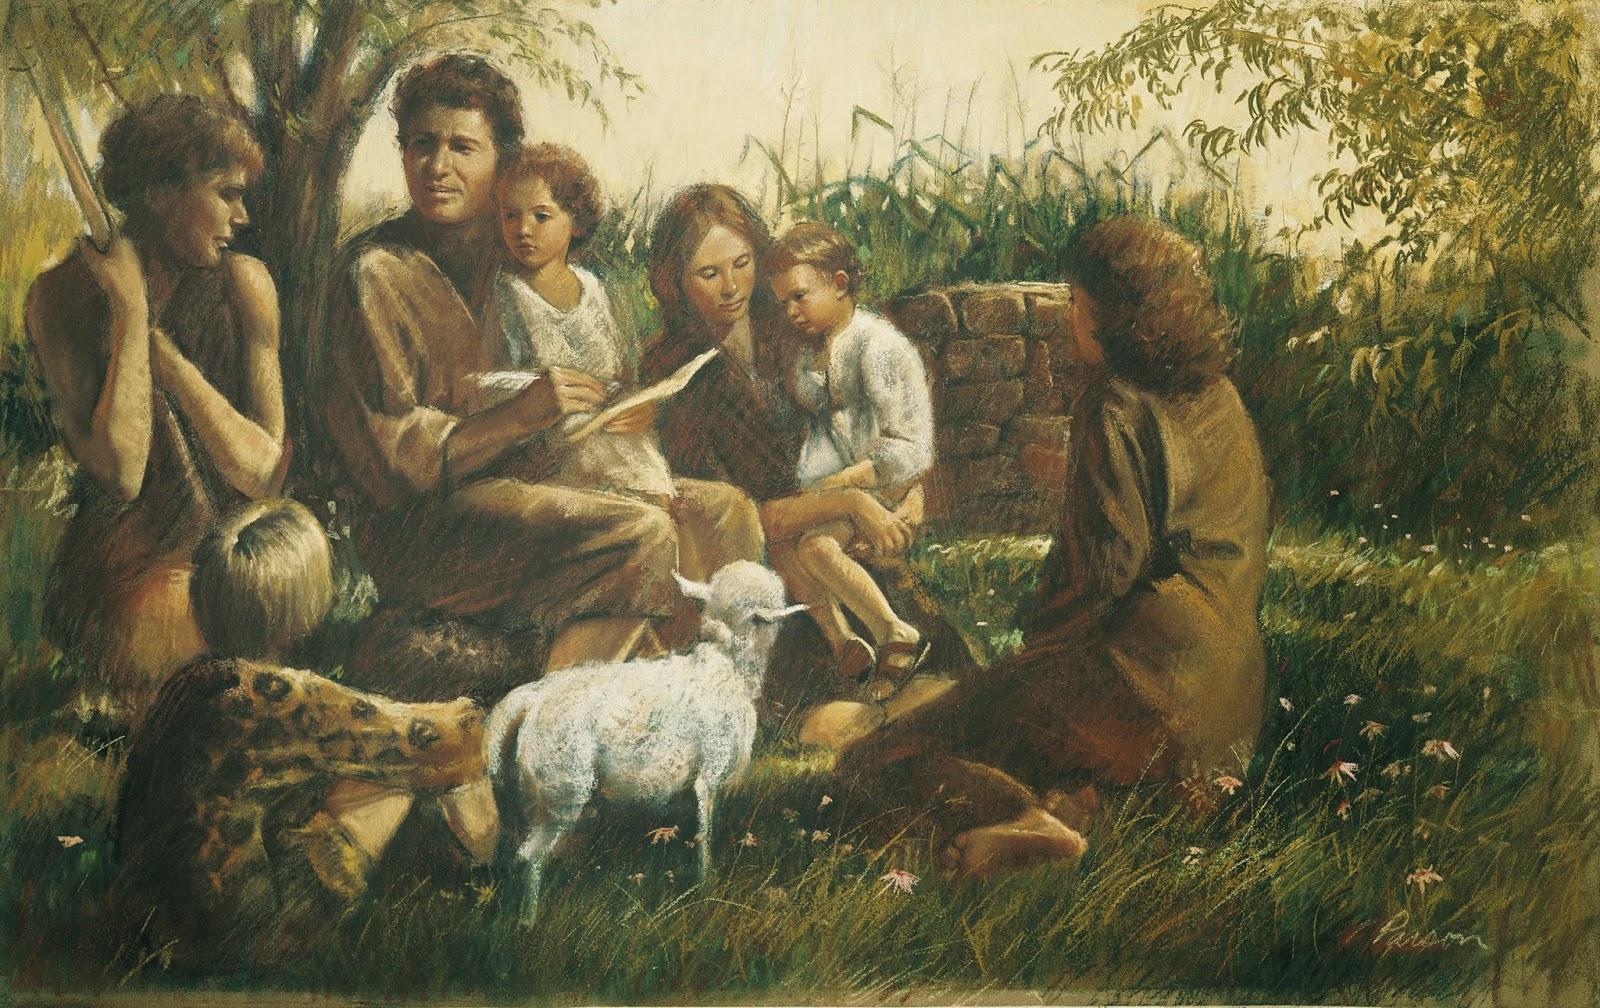 Adam and eve in garden of eden studying genesis chapter 2 7